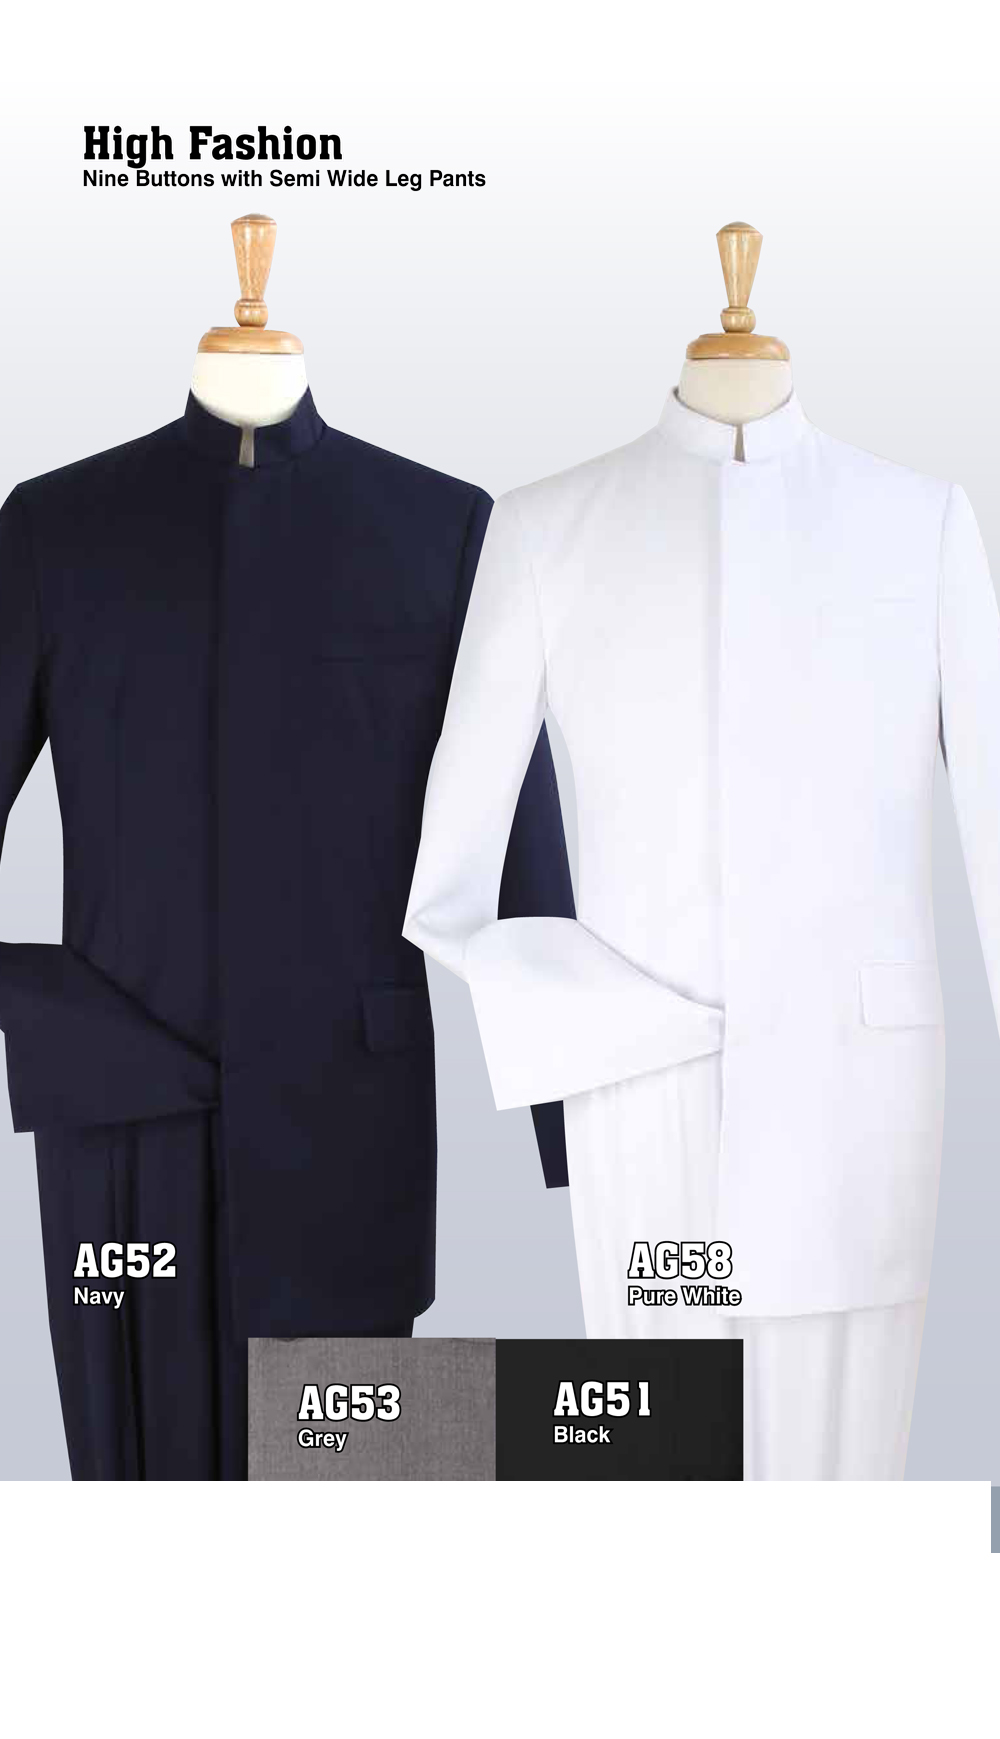 High Fashion Men Suits AG52